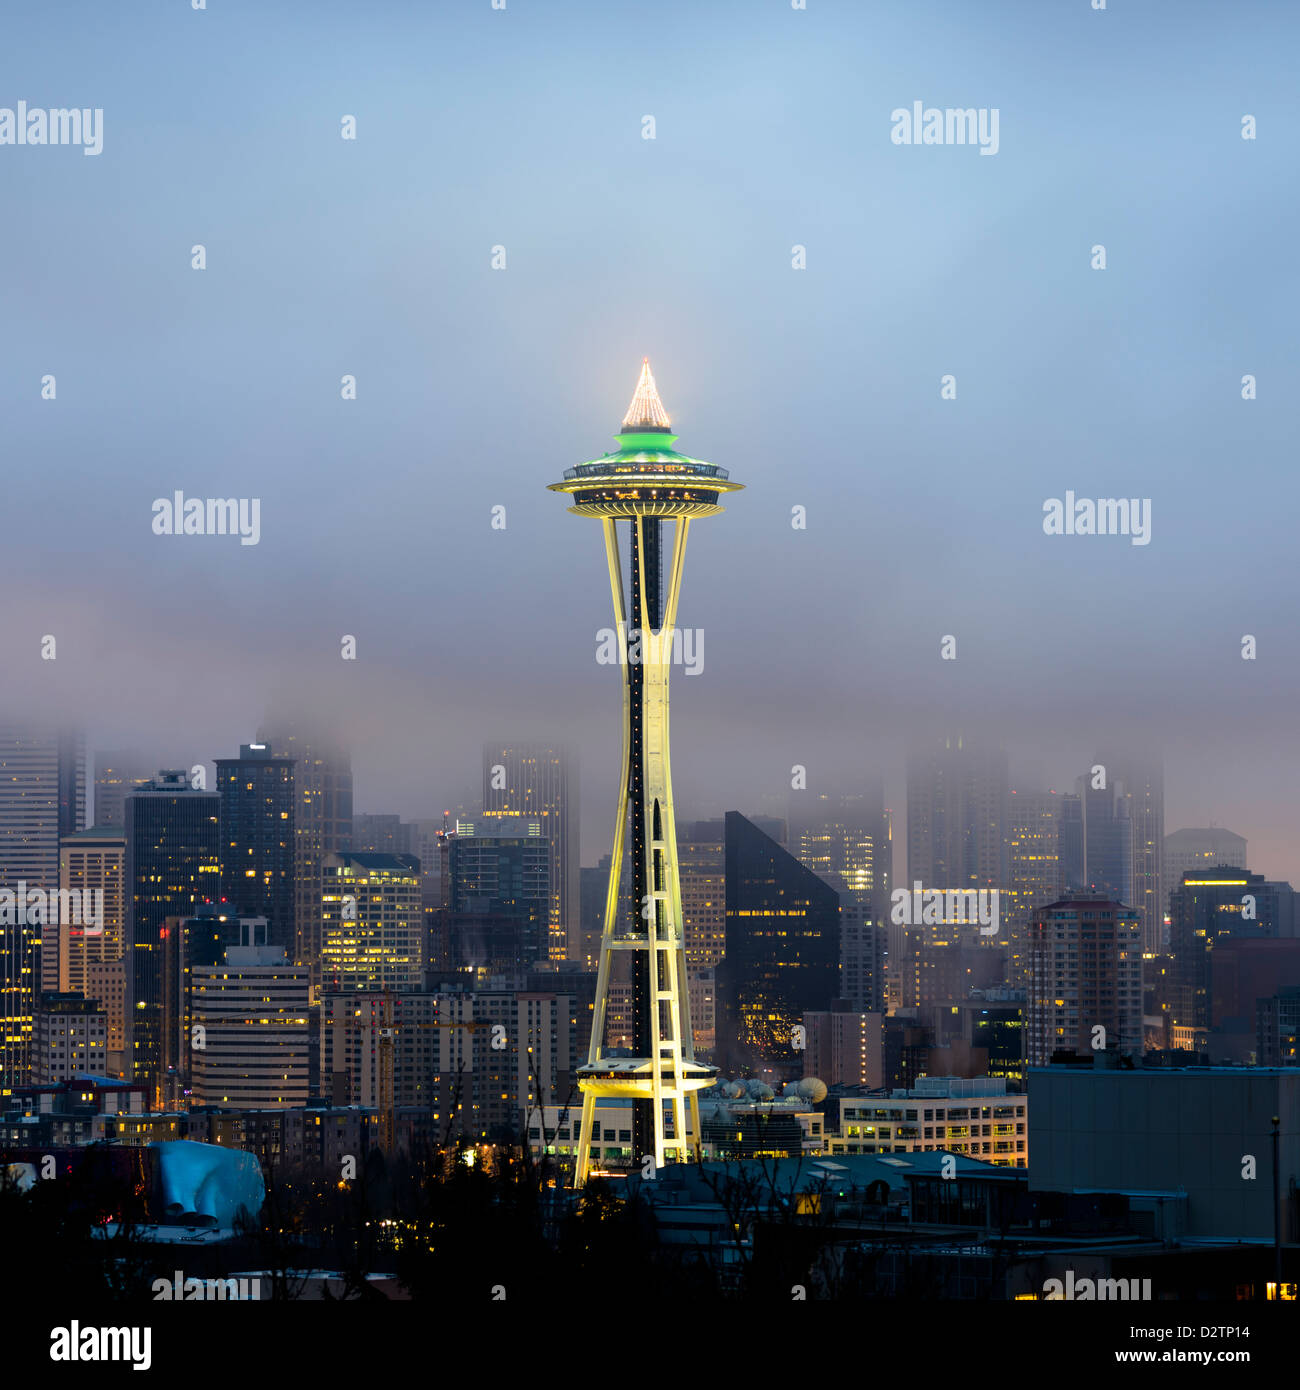 Lo skyline di Seattle e lo Space Needle all'alba visto da Kerry Park, Washington, Stati Uniti d'America Immagini Stock